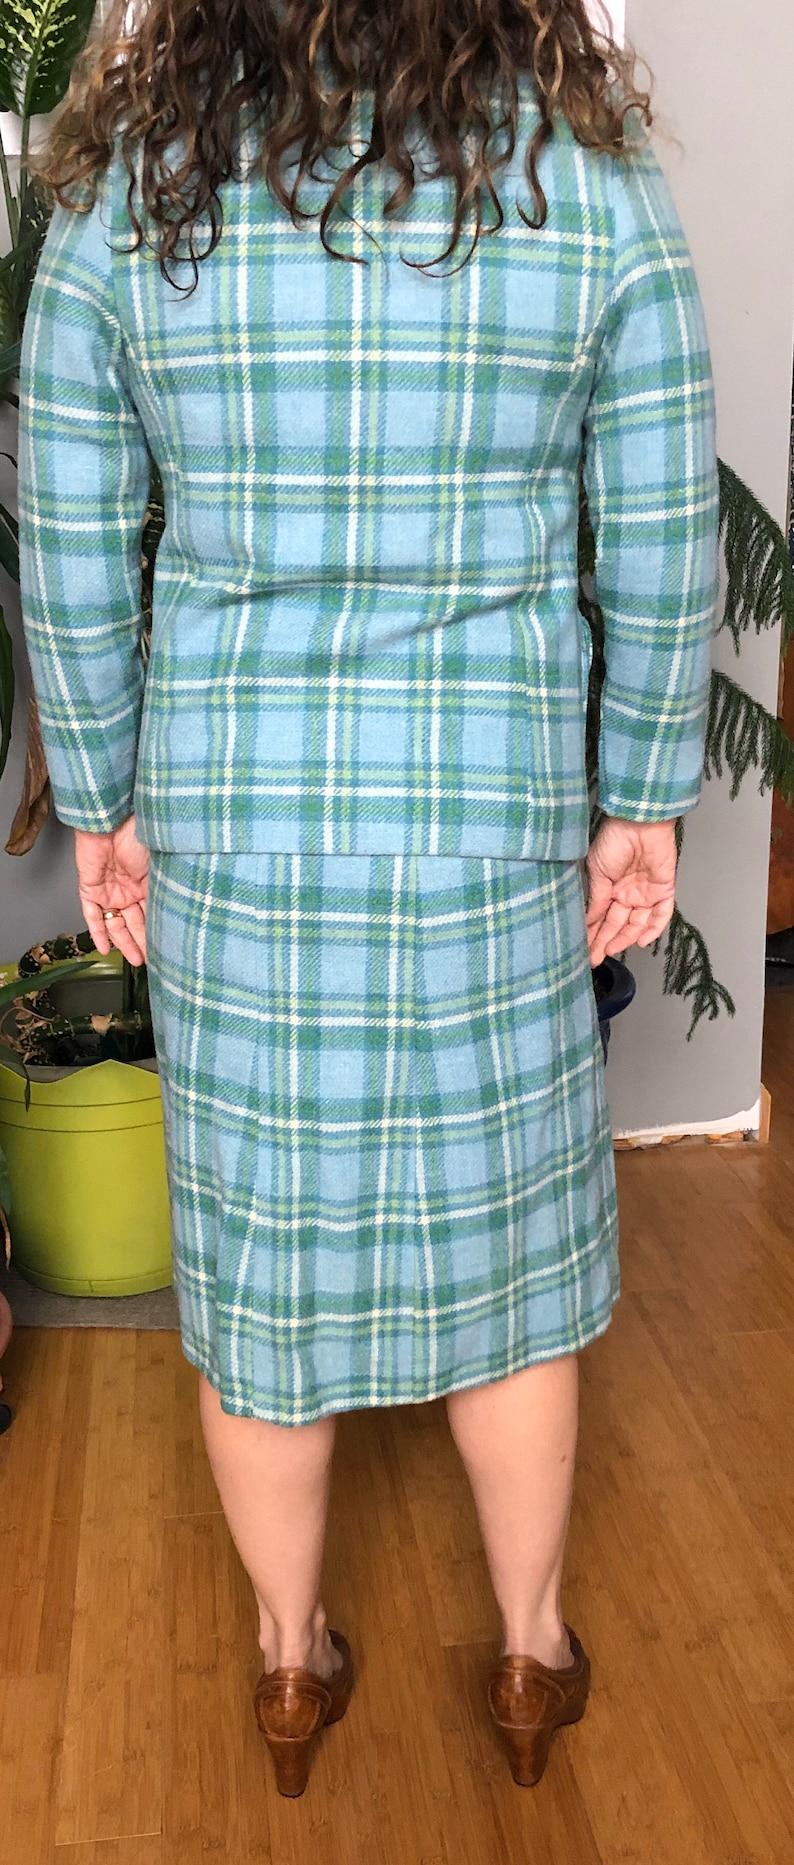 Gorgeous Pendleton skirt suit